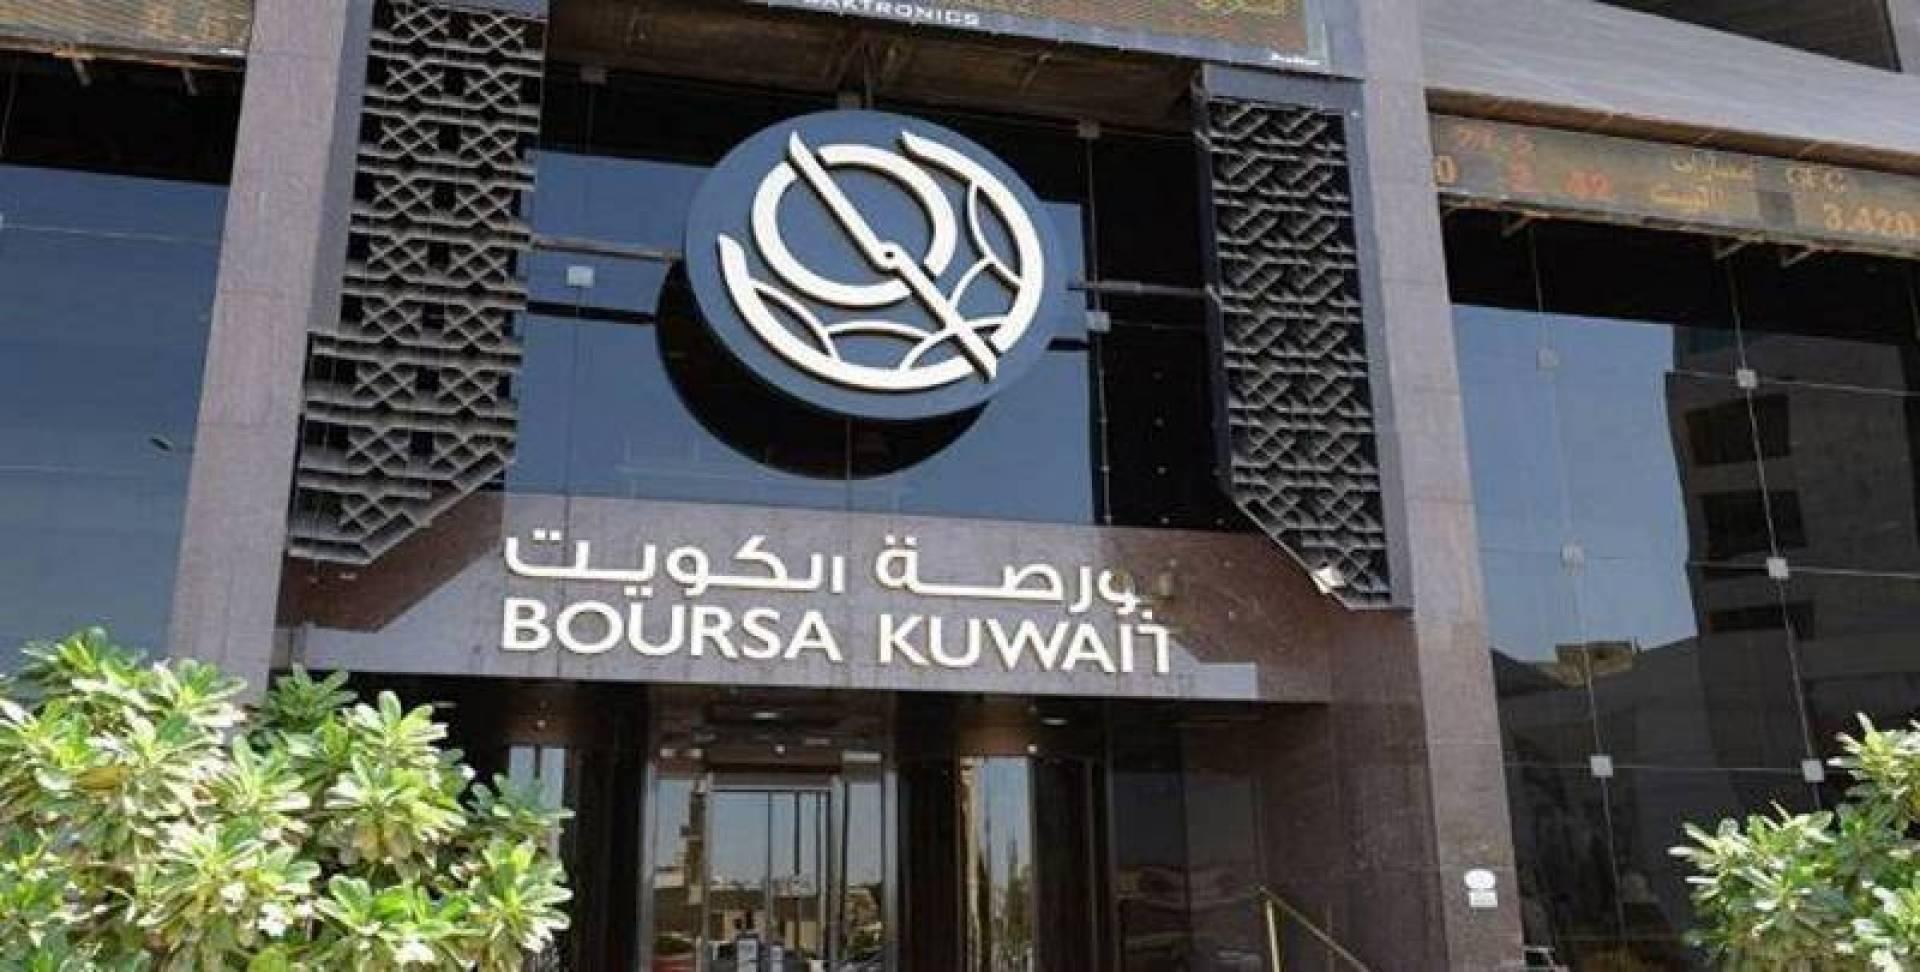 «الوطني للاستثمار»: «بورصة الكويت» الأفضل أداء خليجياً في 2019